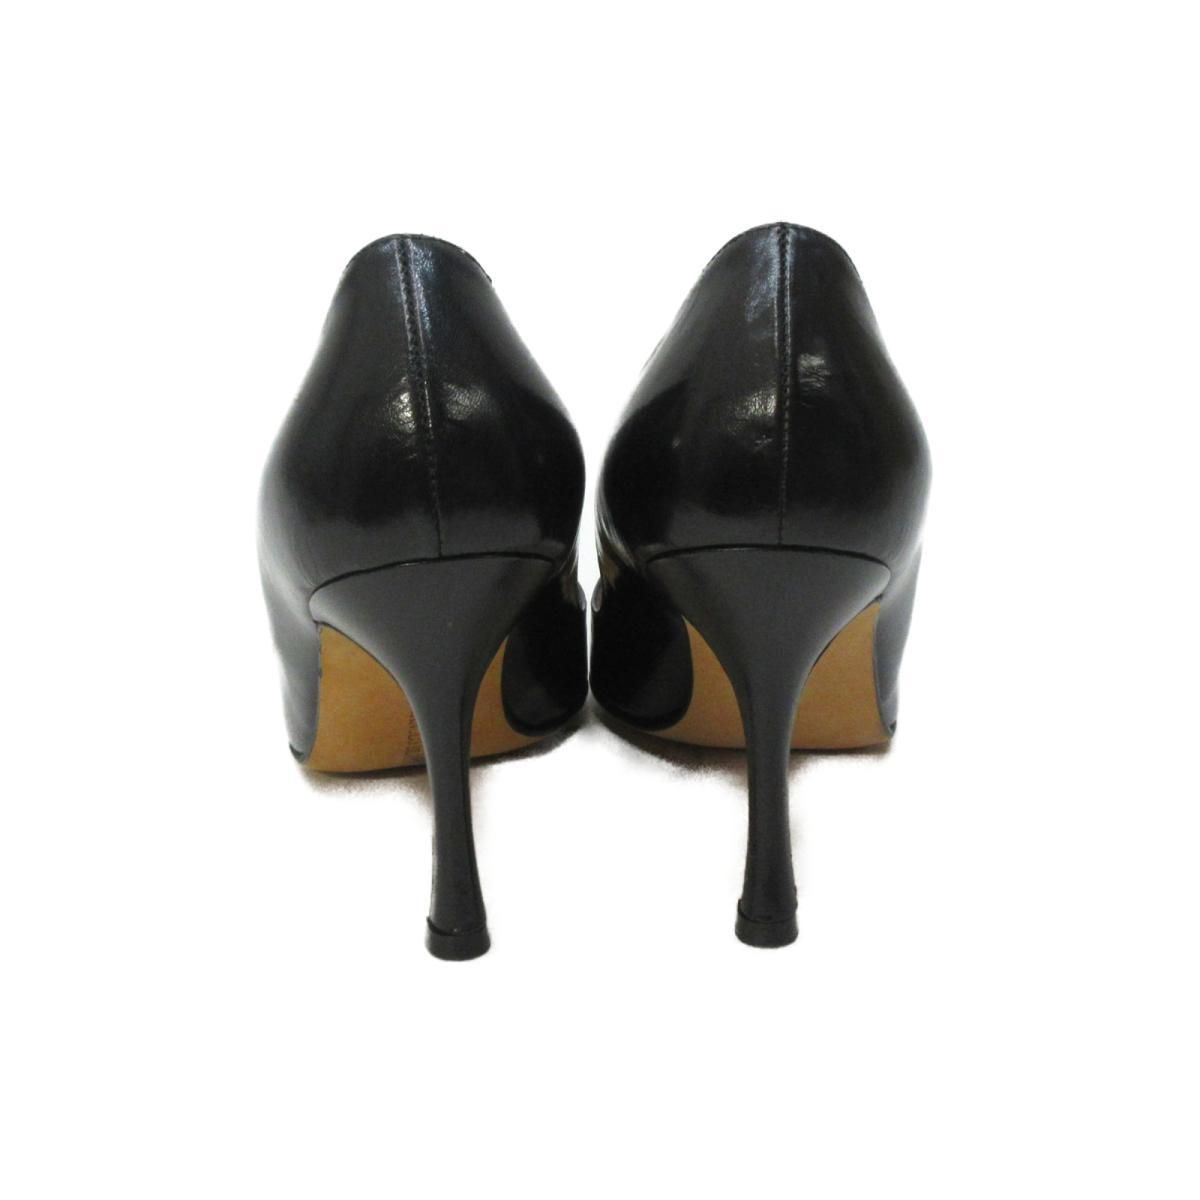 マノロ・ブラニク パンプス レディース レザー ブラック | Manolo Blahnik BRANDOFF ブランドオフ ブランド 靴 シューズ クツ